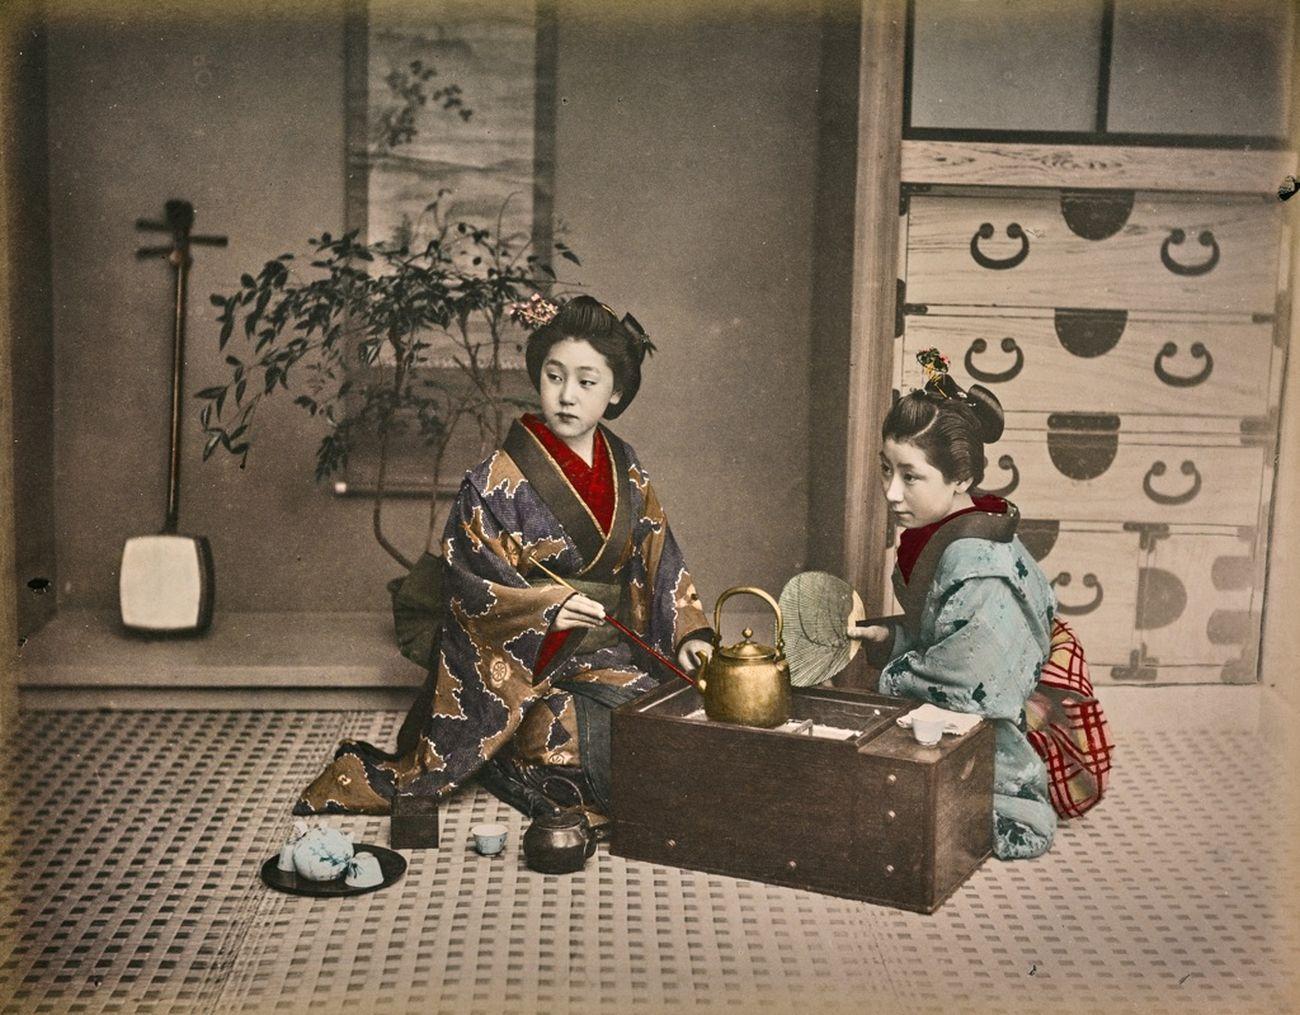 Due samurai riconoscibili dalla doppia spada al fianco, 1870-1880, stampa all'albumina dipinta a mano, © Archivi Alinari, Firenze